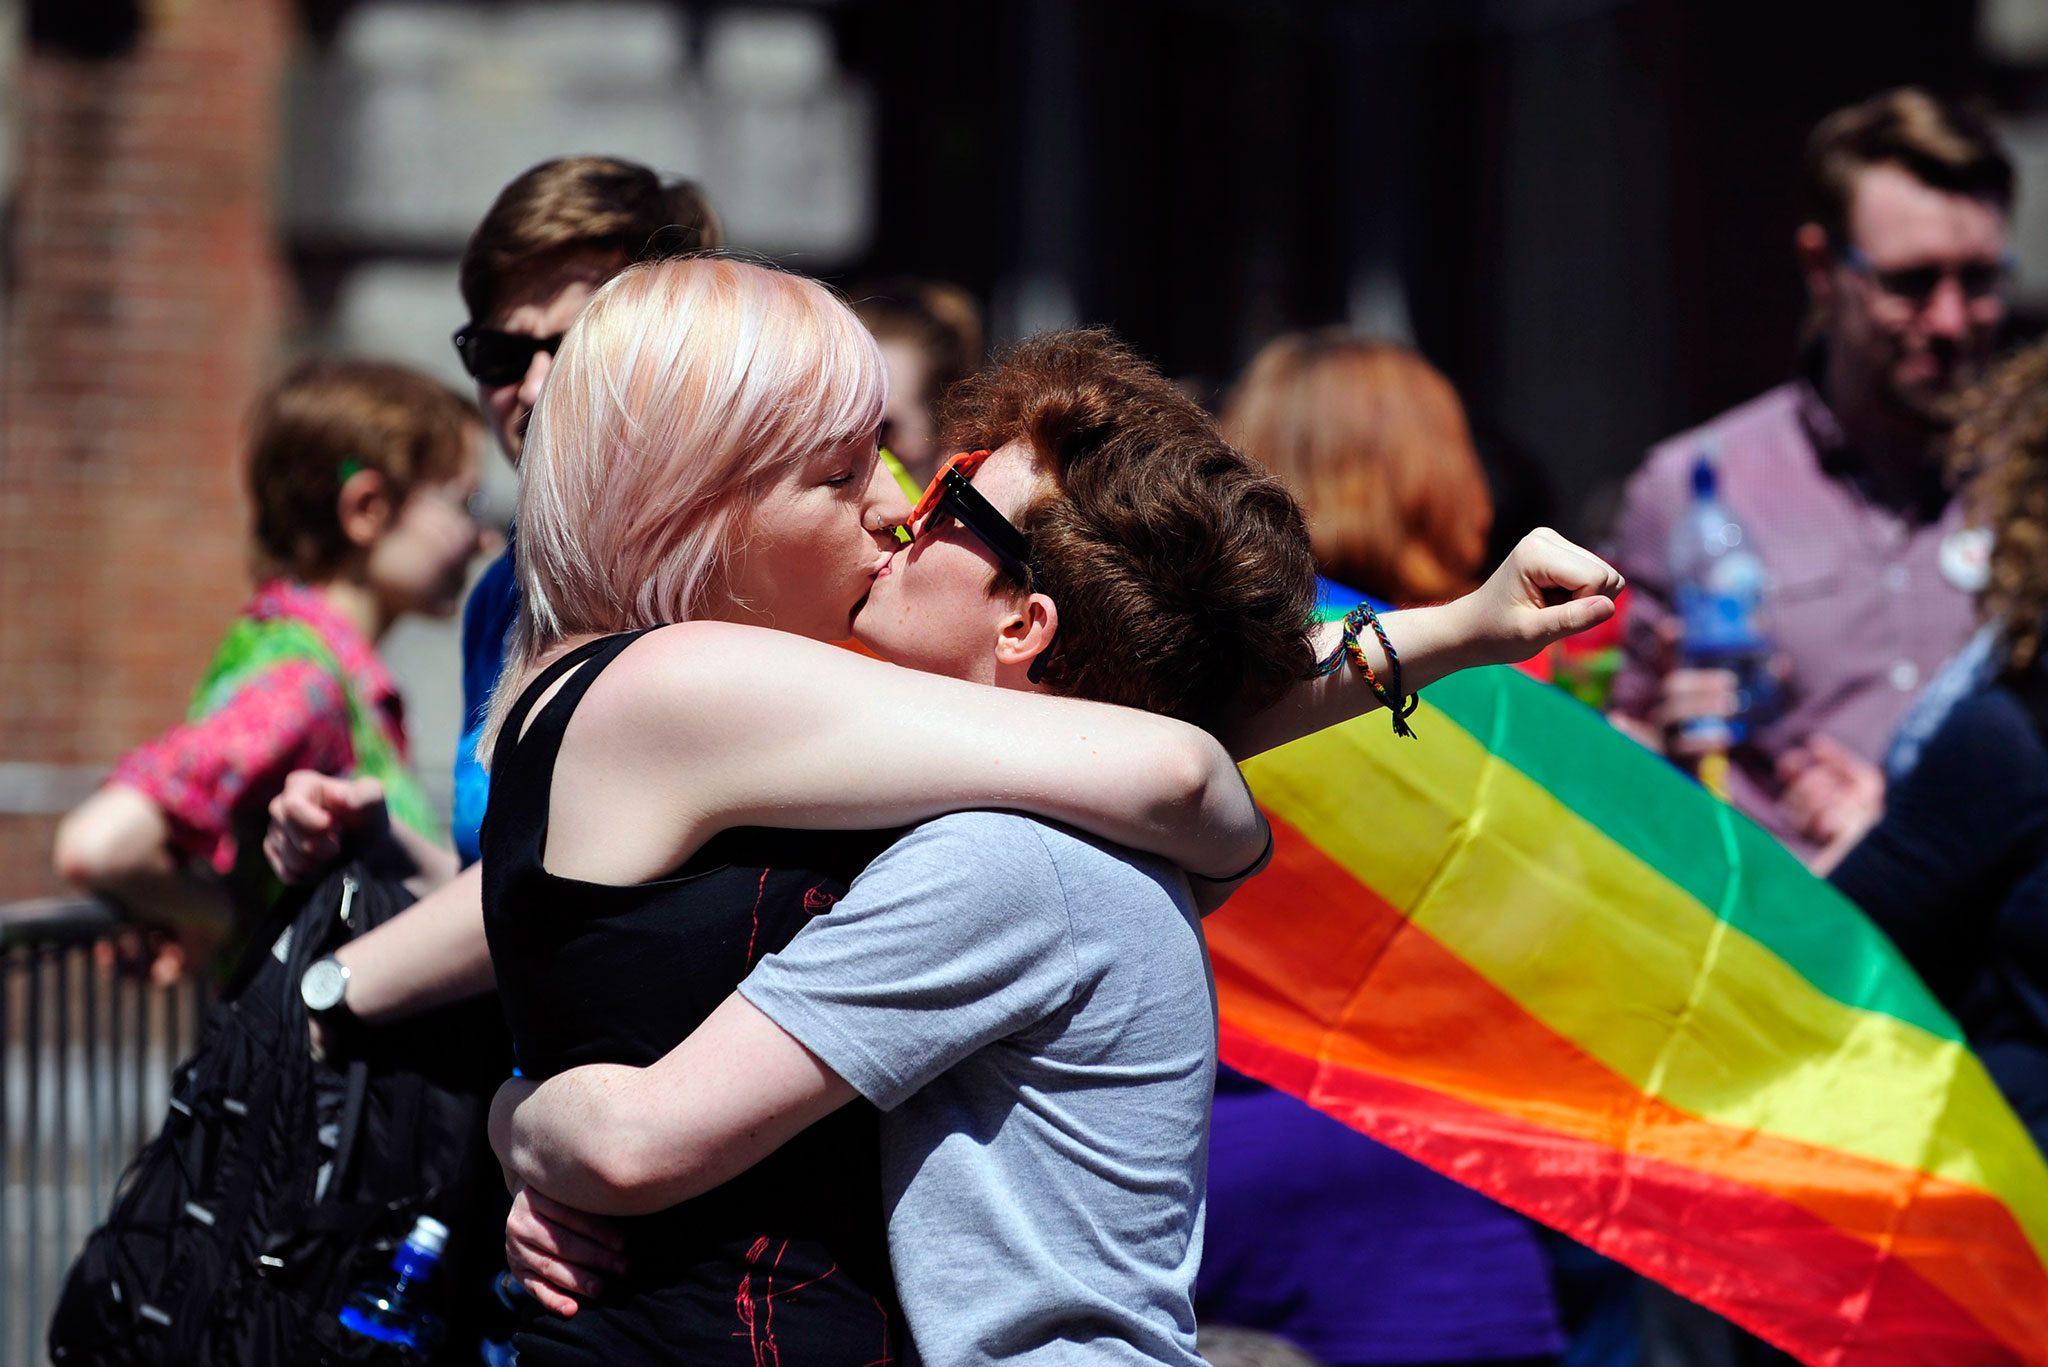 'Artık Eşcinsellere İkinci Sınıf Vatandaş Muamelesi Yapılamayacak!'